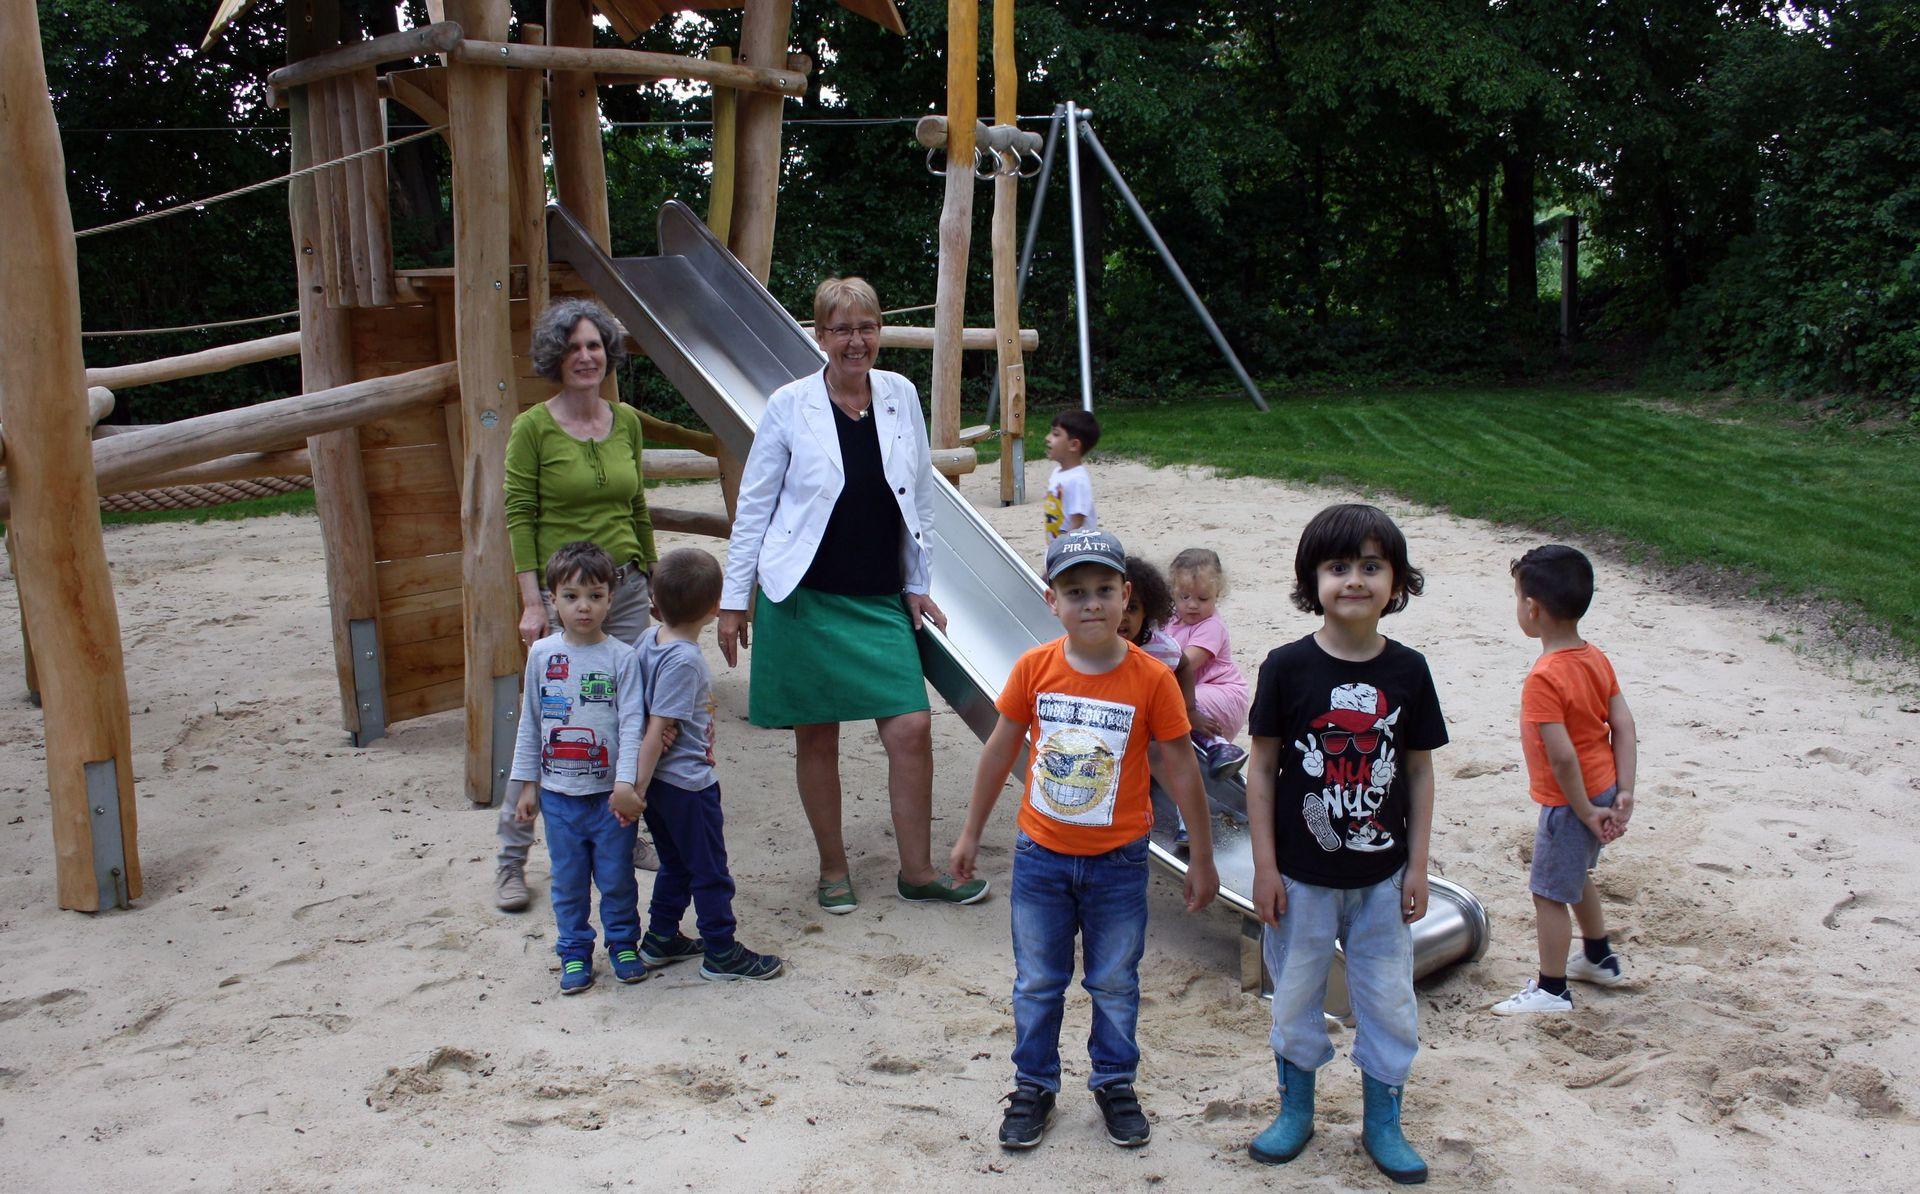 Spielplatz An der Liebigshöhe - Gruppenbild